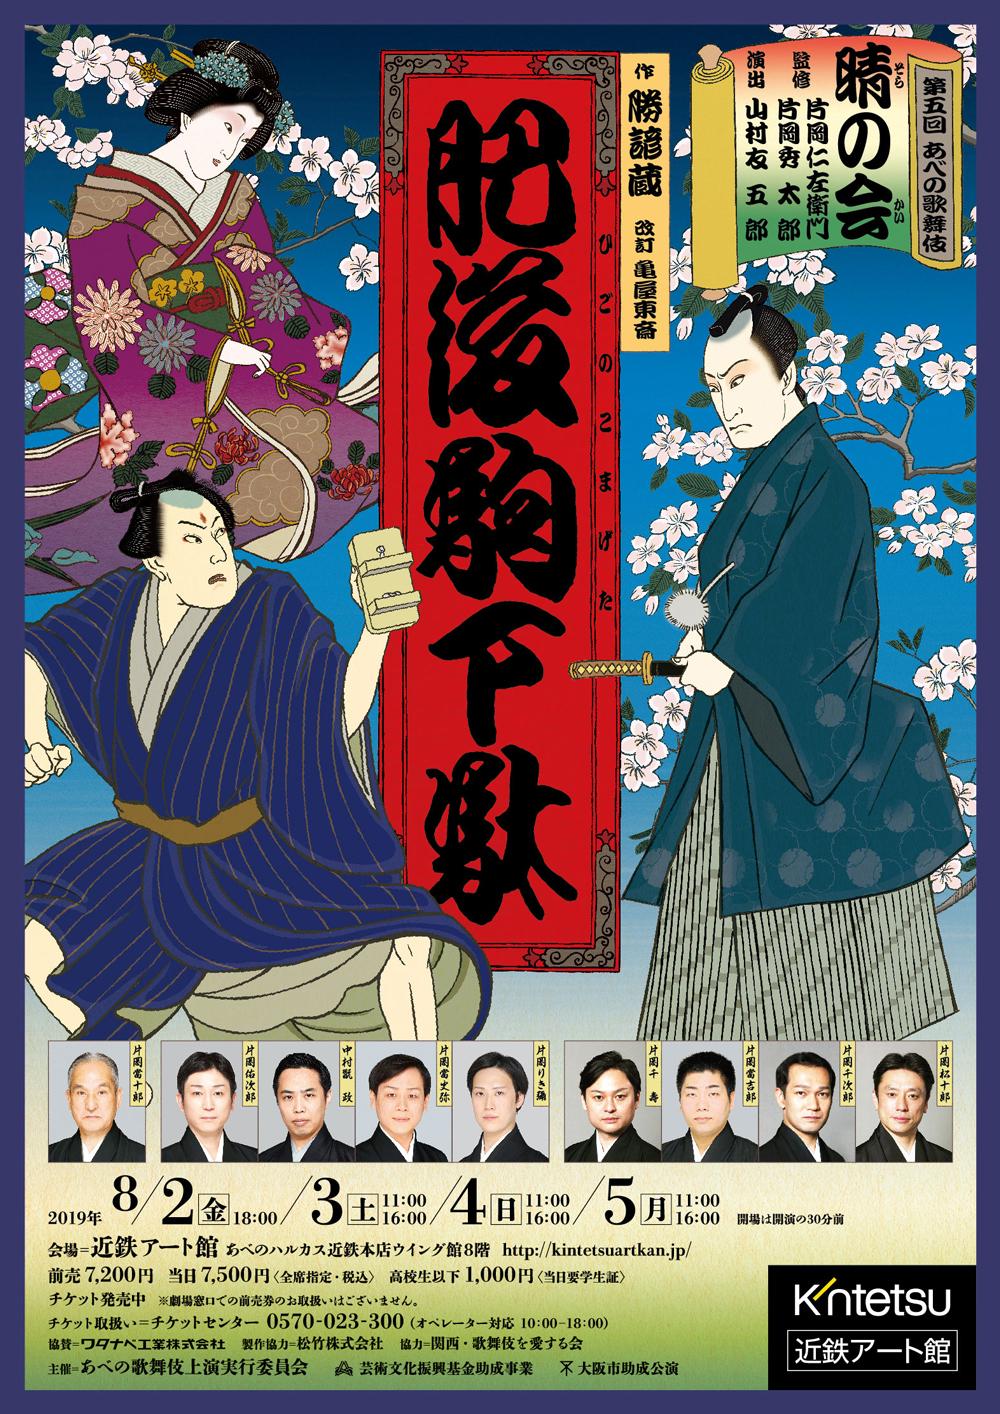 「第五回あべの歌舞伎 晴の会」のお知らせ